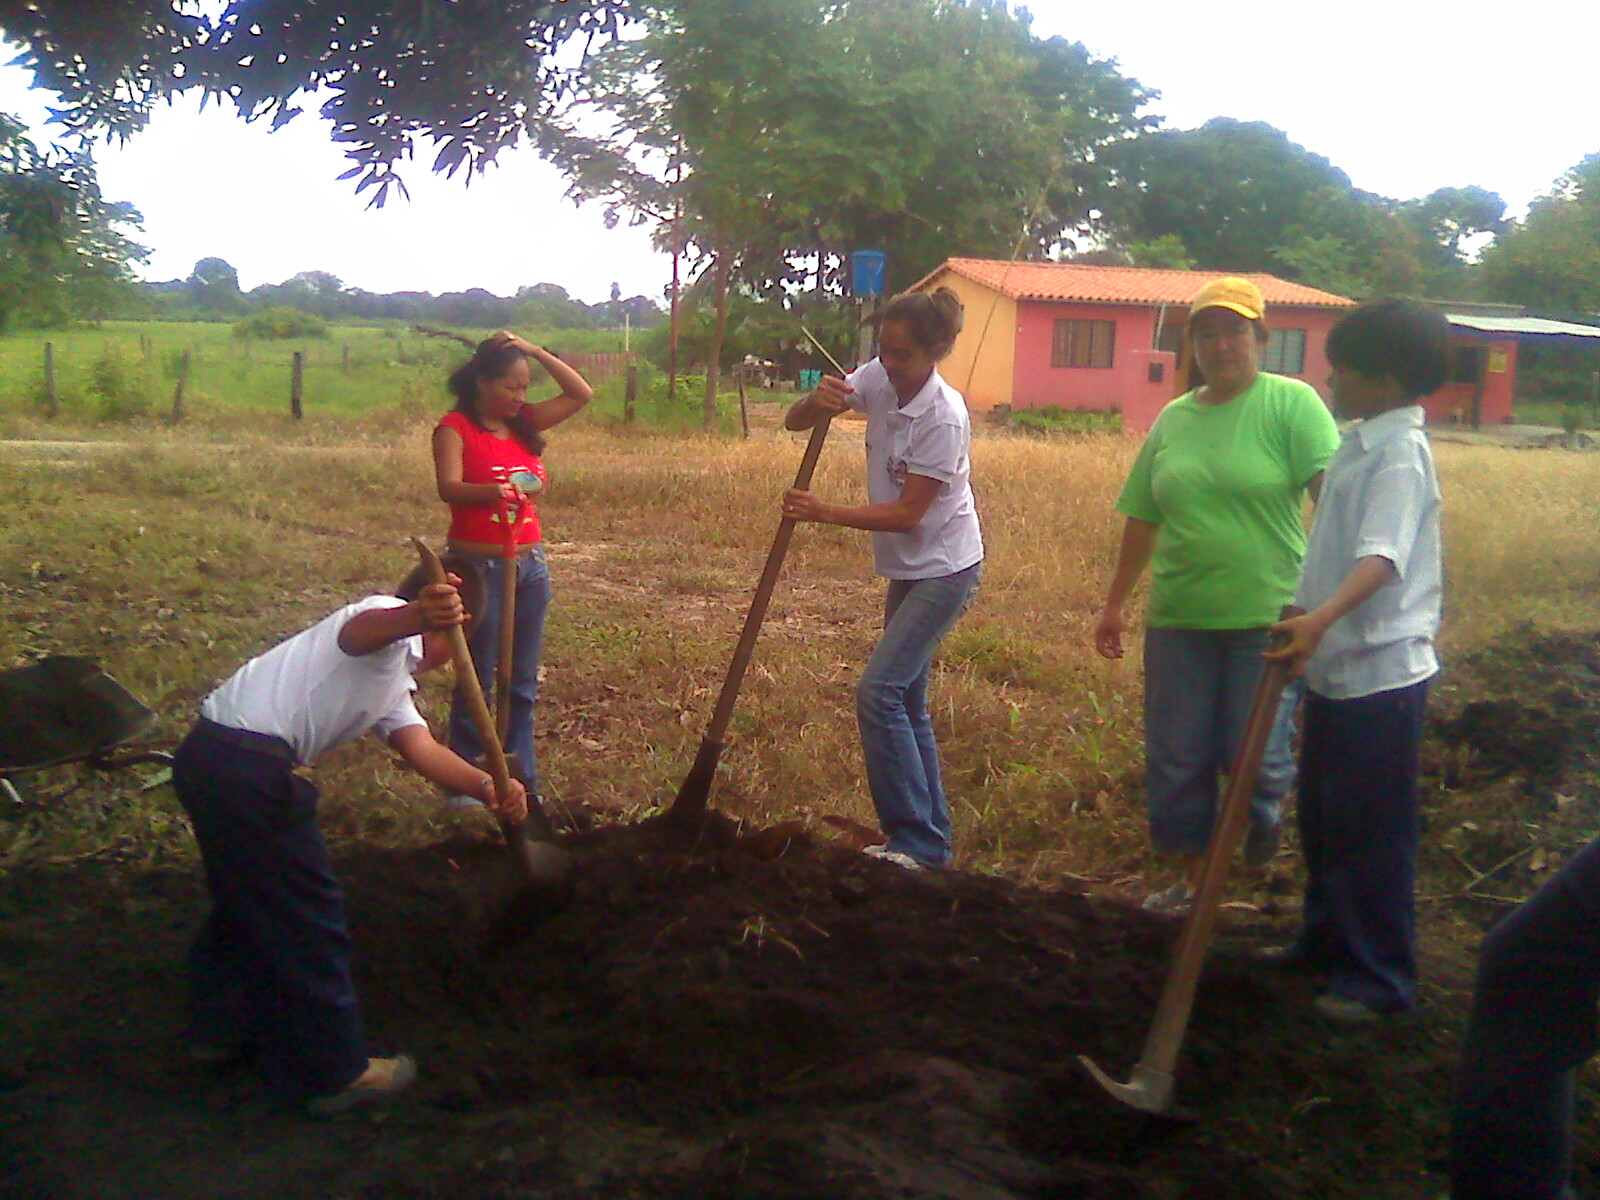 Plan de gesti n ambiental para la construcci n de viveros for Construccion de viveros